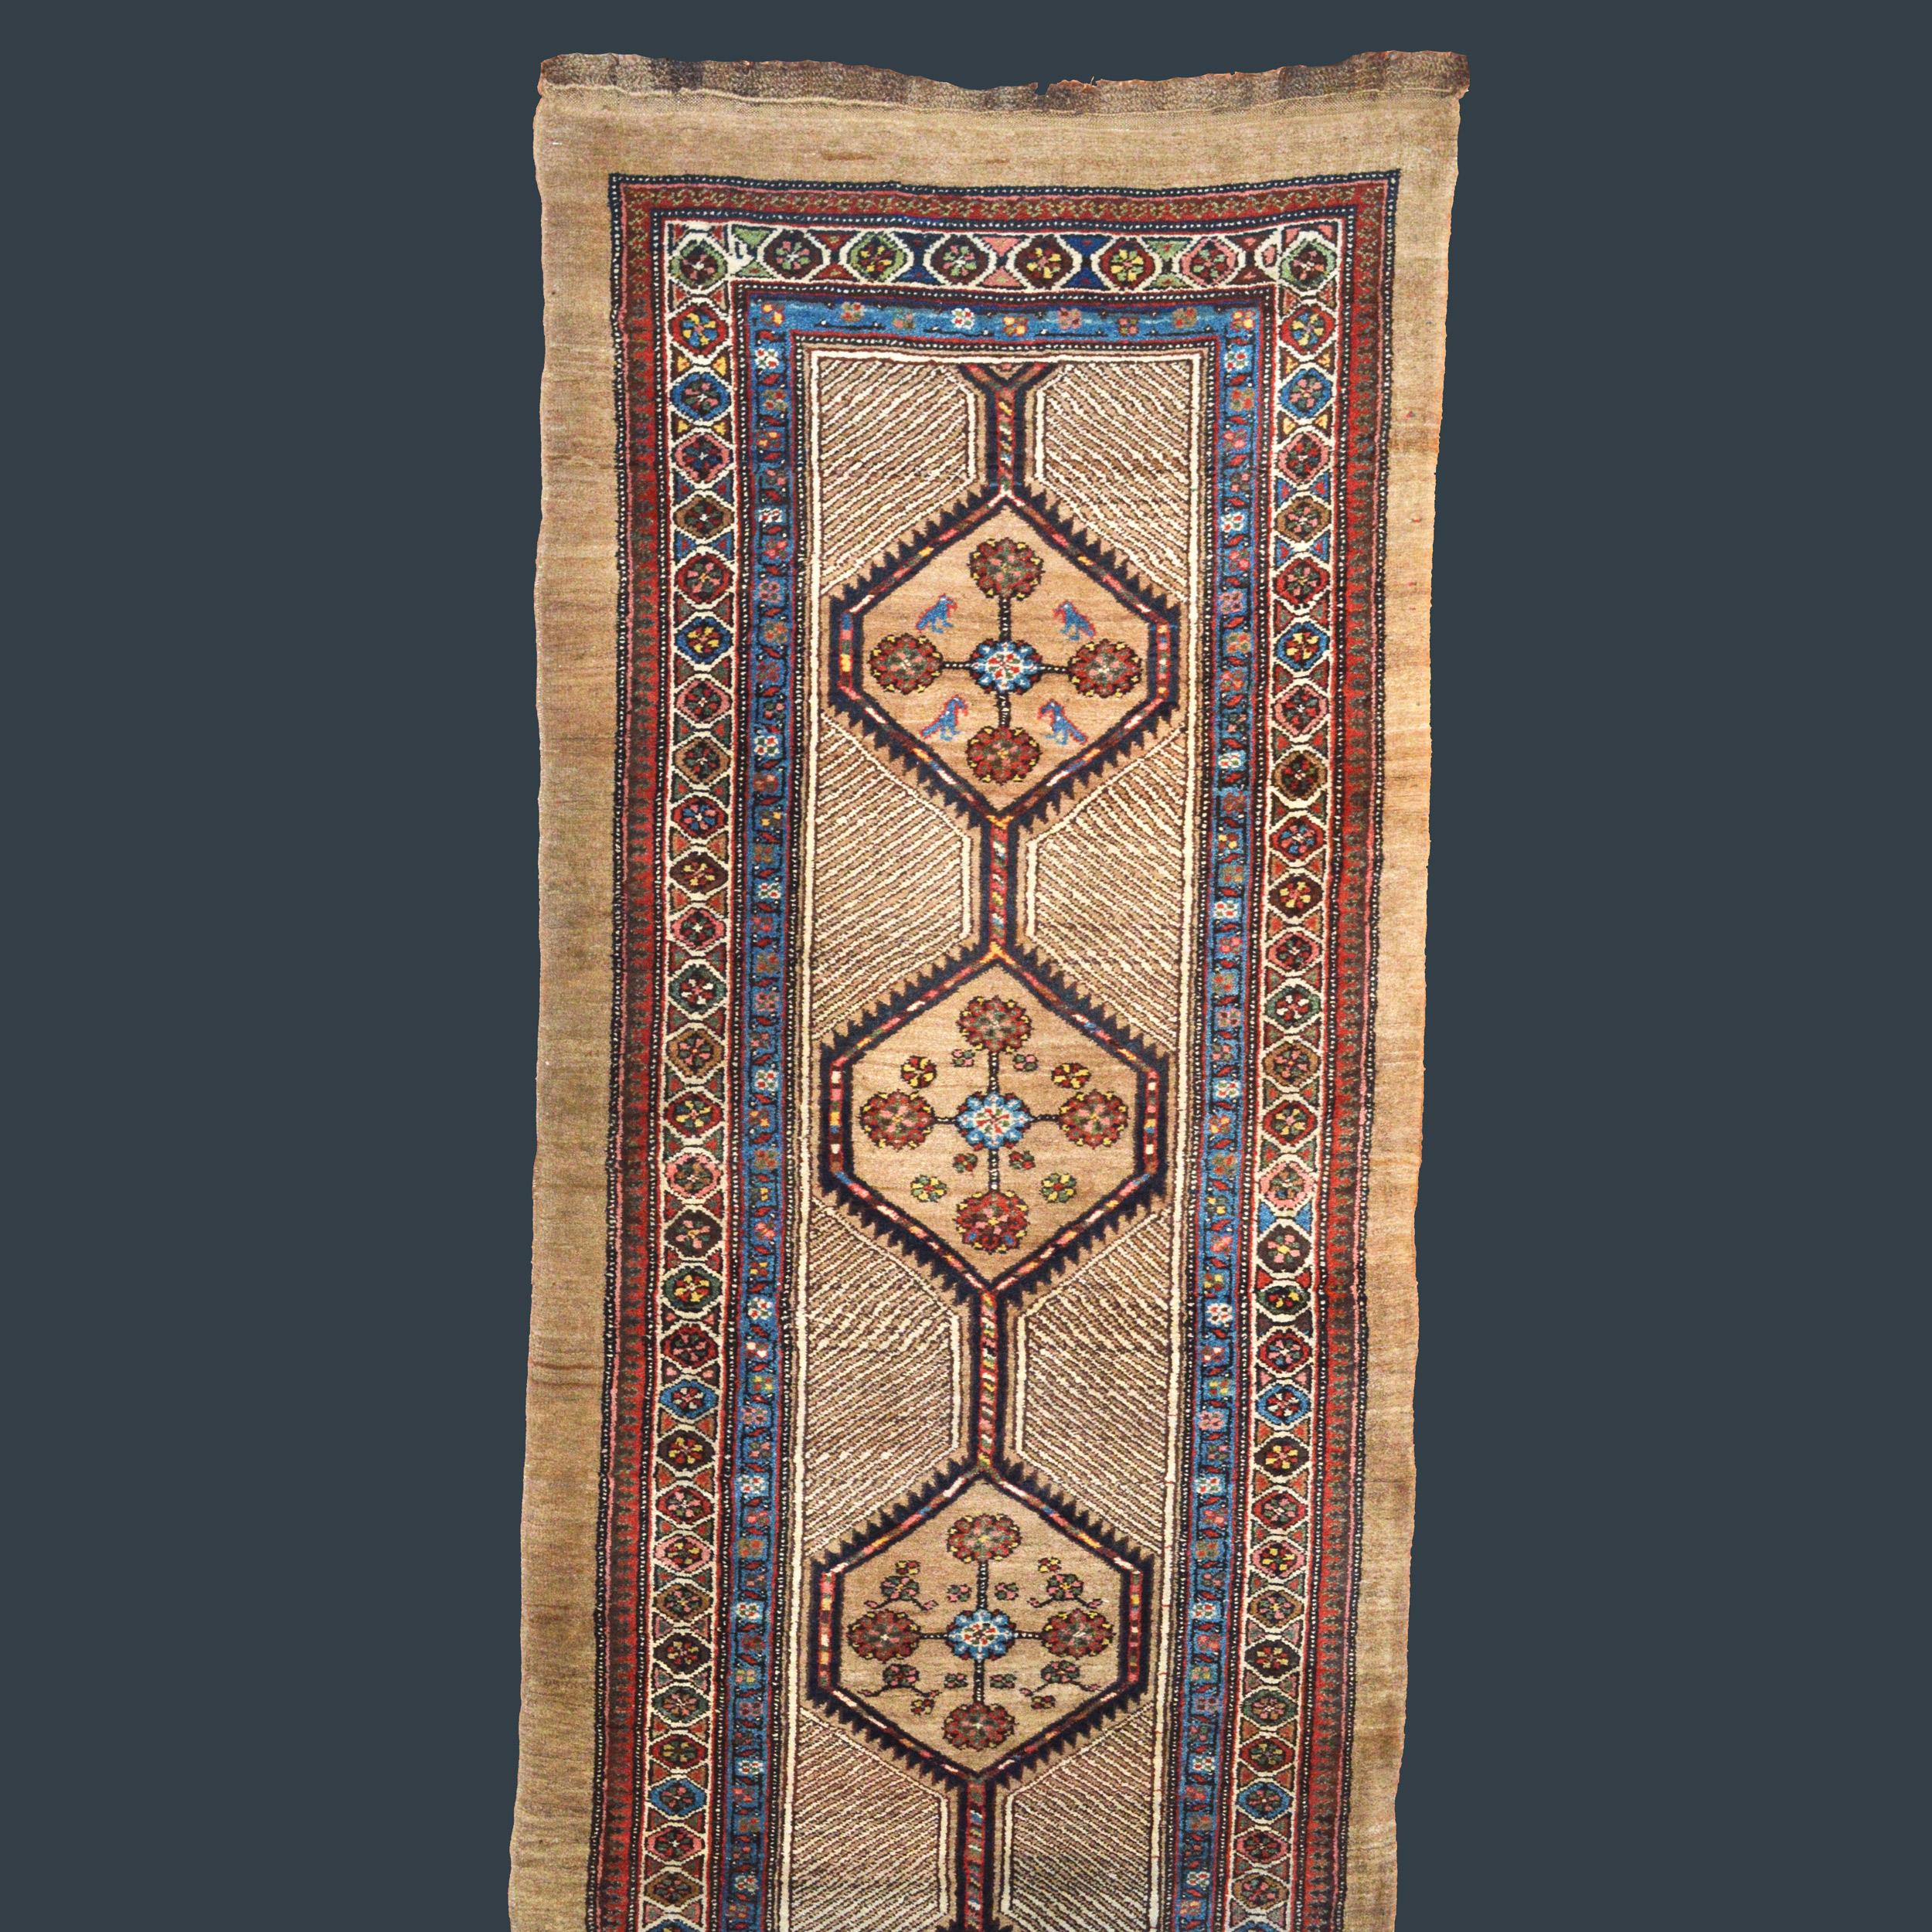 Late 19th century Serab runner, northwest Persia